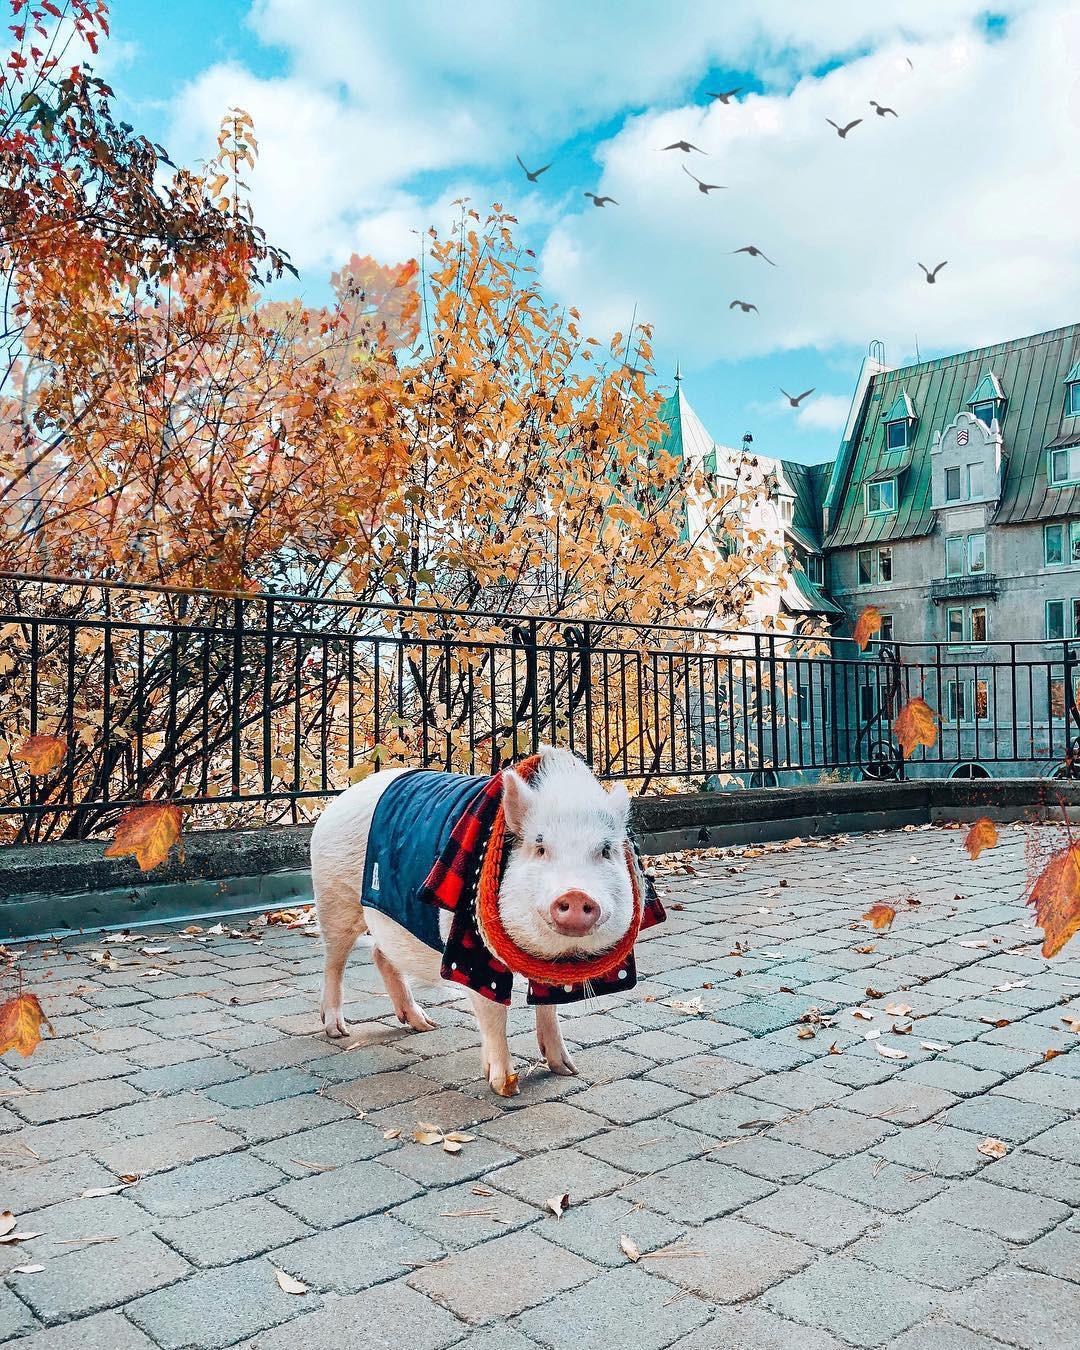 Cảm giác ghen tị là khi bạn phải đi làm vào thứ 2 còn chú lợn này lại được du lịch vòng quanh thế giới, đã vậy còn có hẳn 100k người theo dõi trên MXH - Ảnh 13.